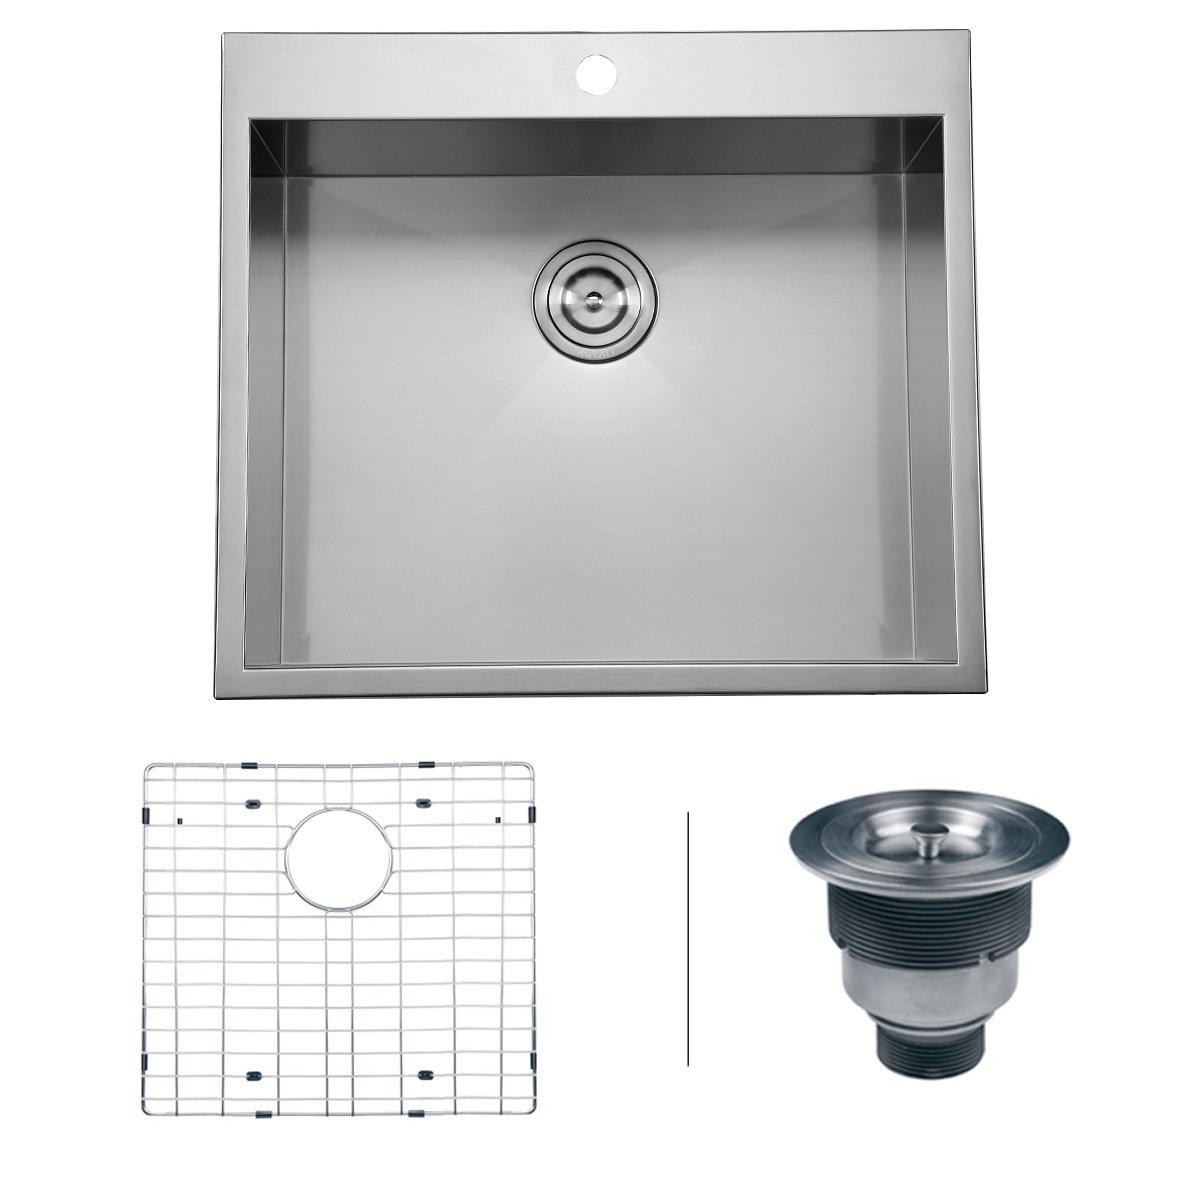 Kitchen Sink 25 X 22 Ruvati rvh8010 overmount 16 gauge 25 kitchen sink single bowl ruvati rvh8010 overmount 16 gauge 25 kitchen sink single bowl stainless steel amazon workwithnaturefo